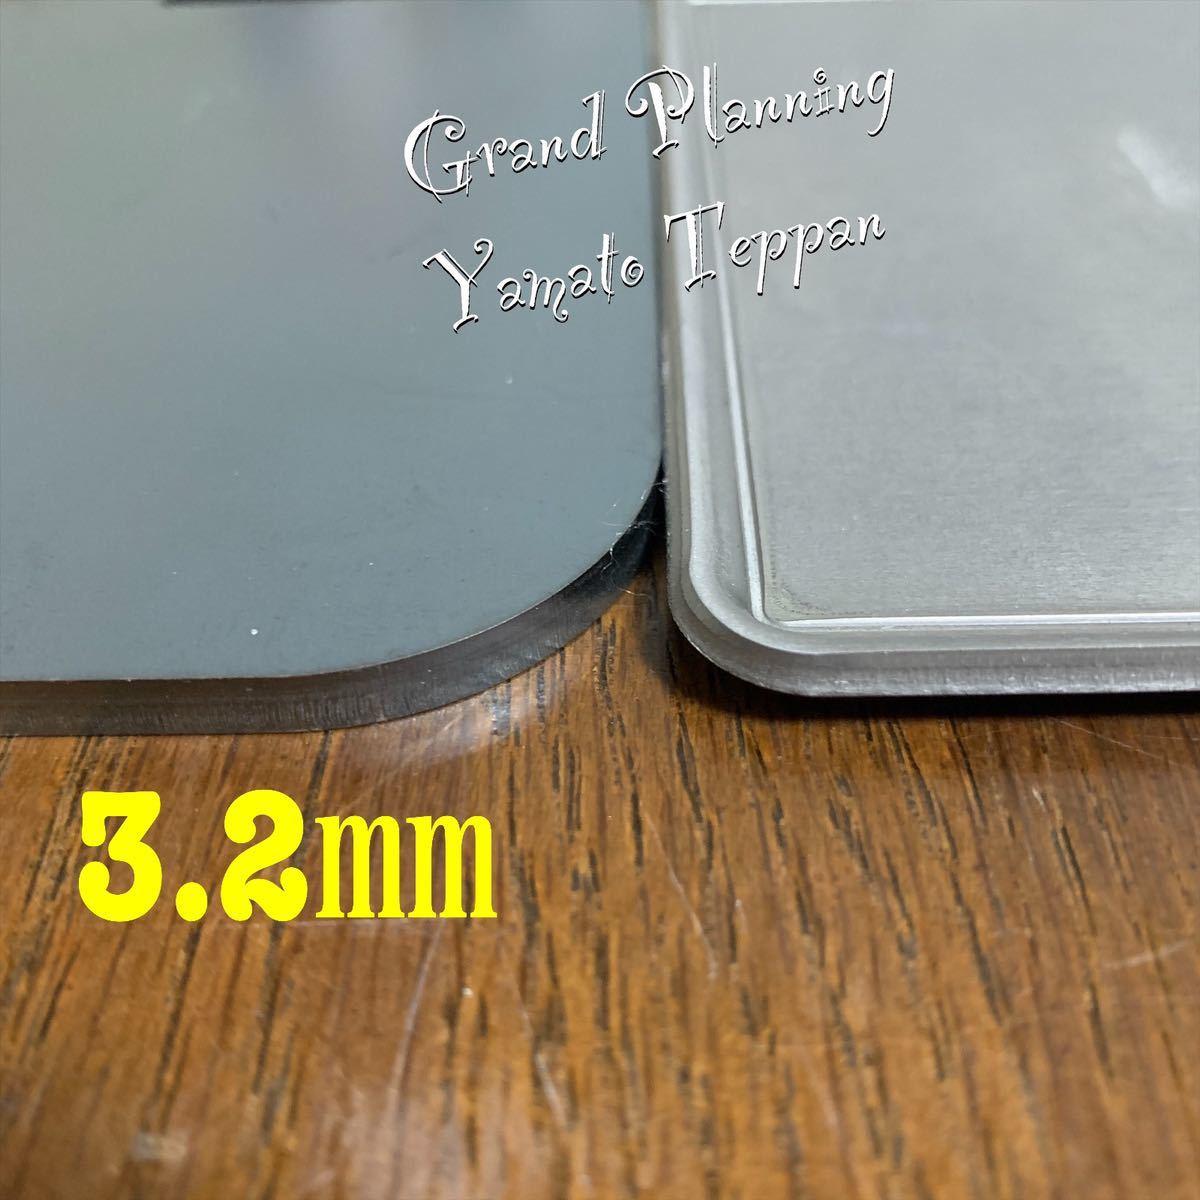 メスティン スモール 収納 ポケットストーブ サイズ 3.2ミリ 鉄板 ヘラ トング マイクロ収納袋 BN ソロキャンプ ミニ 大和鉄板